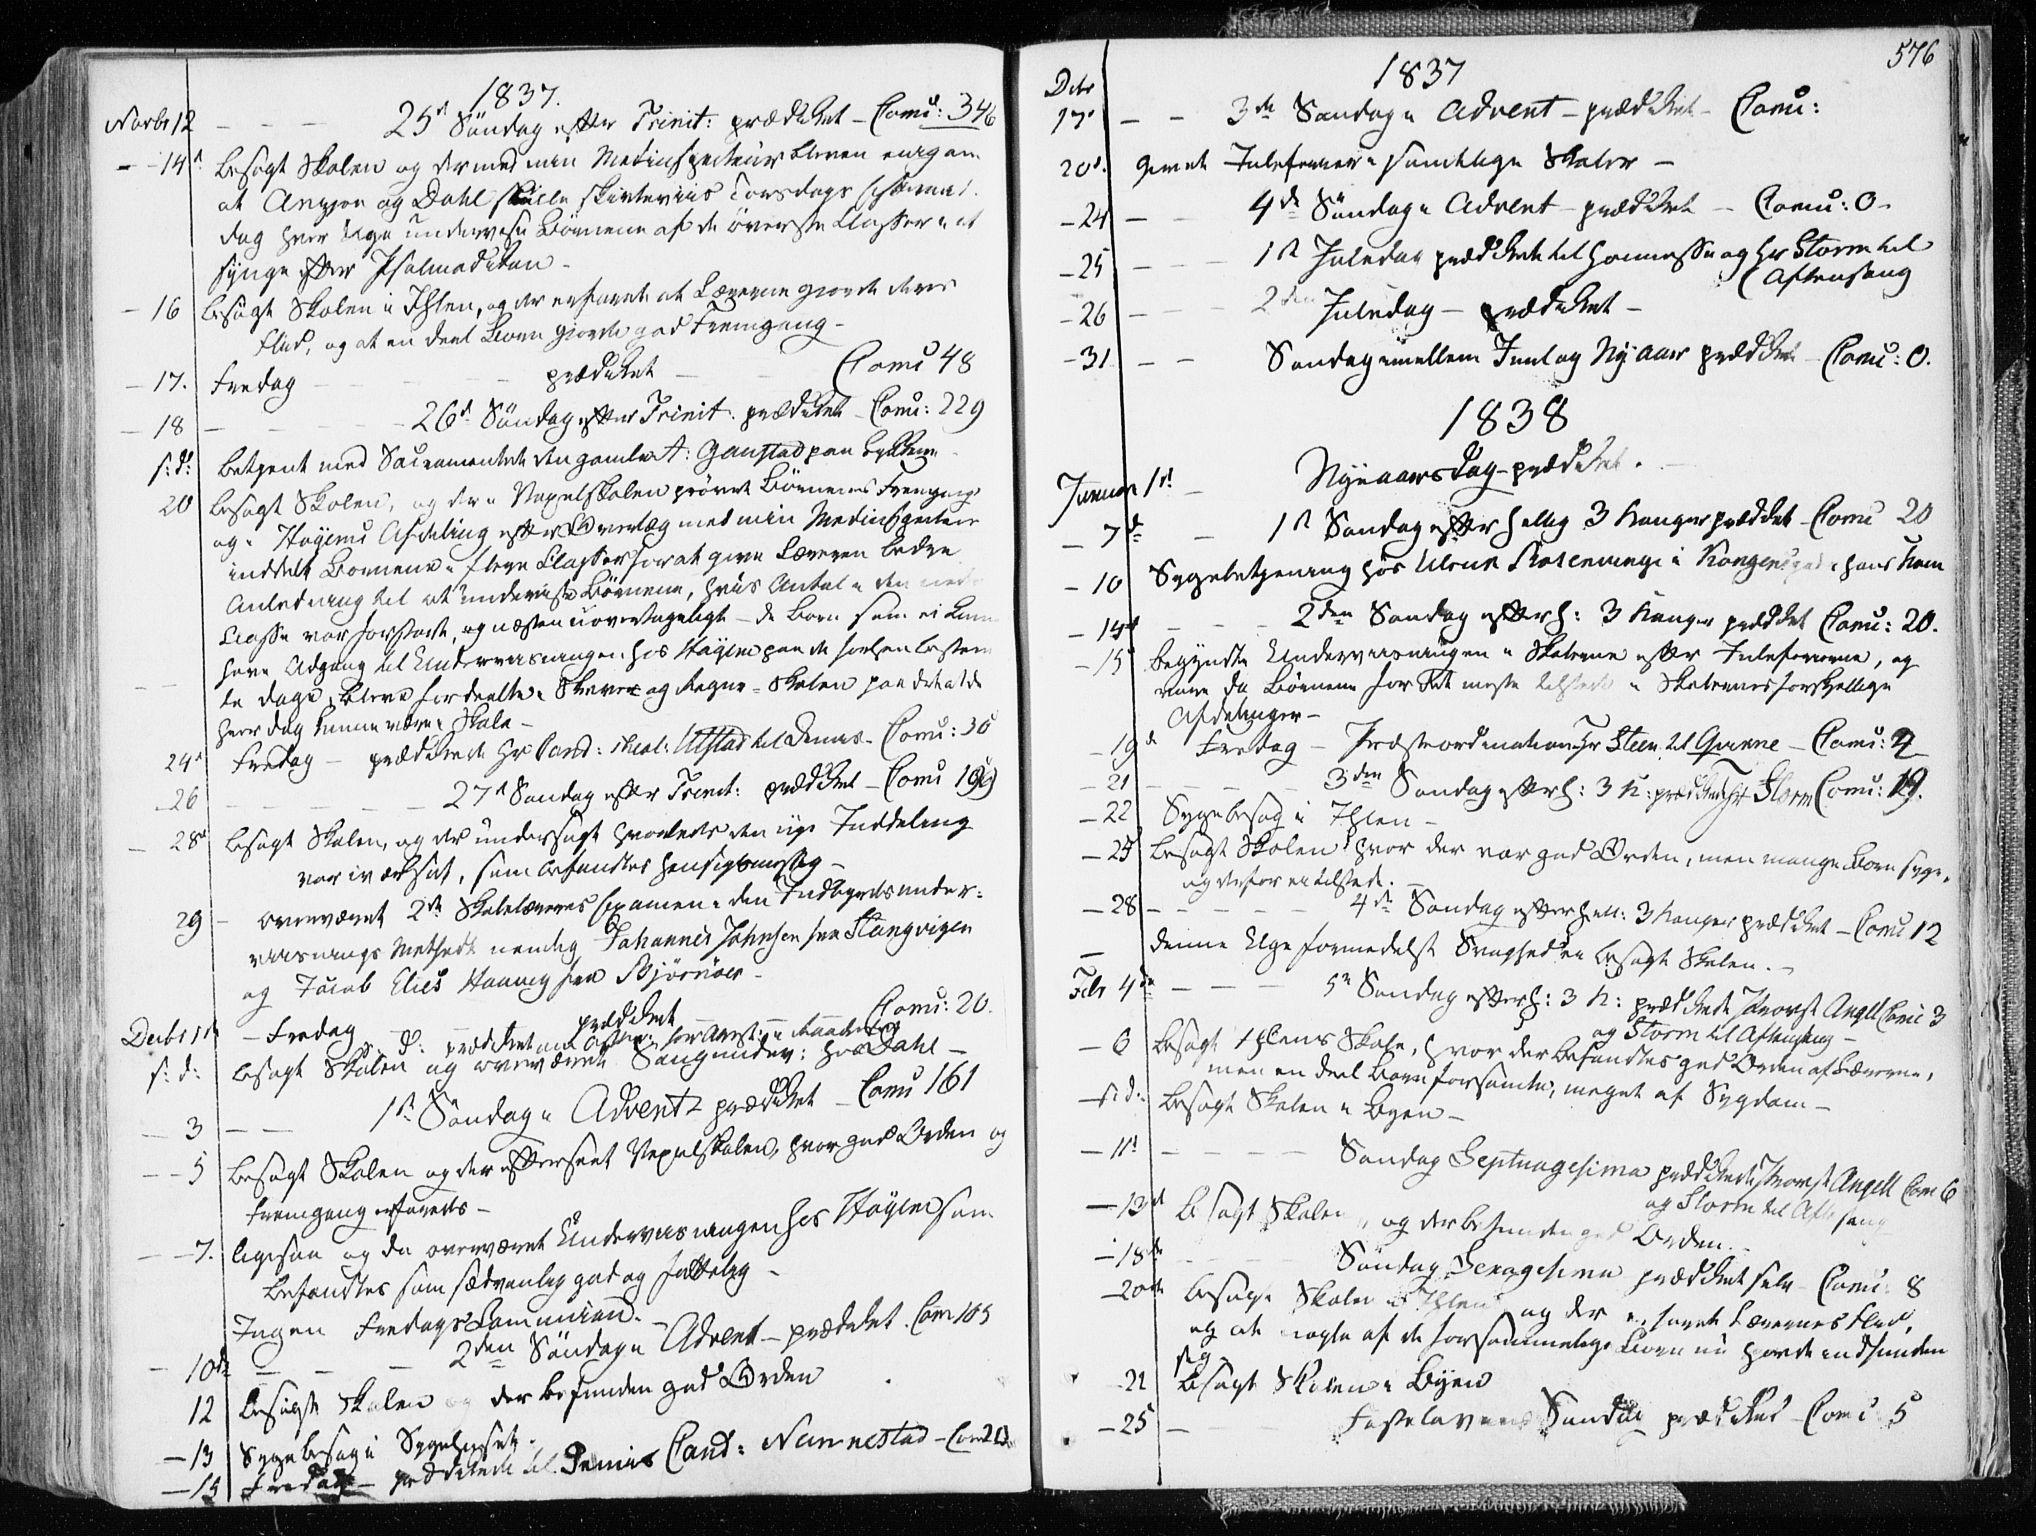 SAT, Ministerialprotokoller, klokkerbøker og fødselsregistre - Sør-Trøndelag, 601/L0047: Ministerialbok nr. 601A15, 1831-1839, s. 576